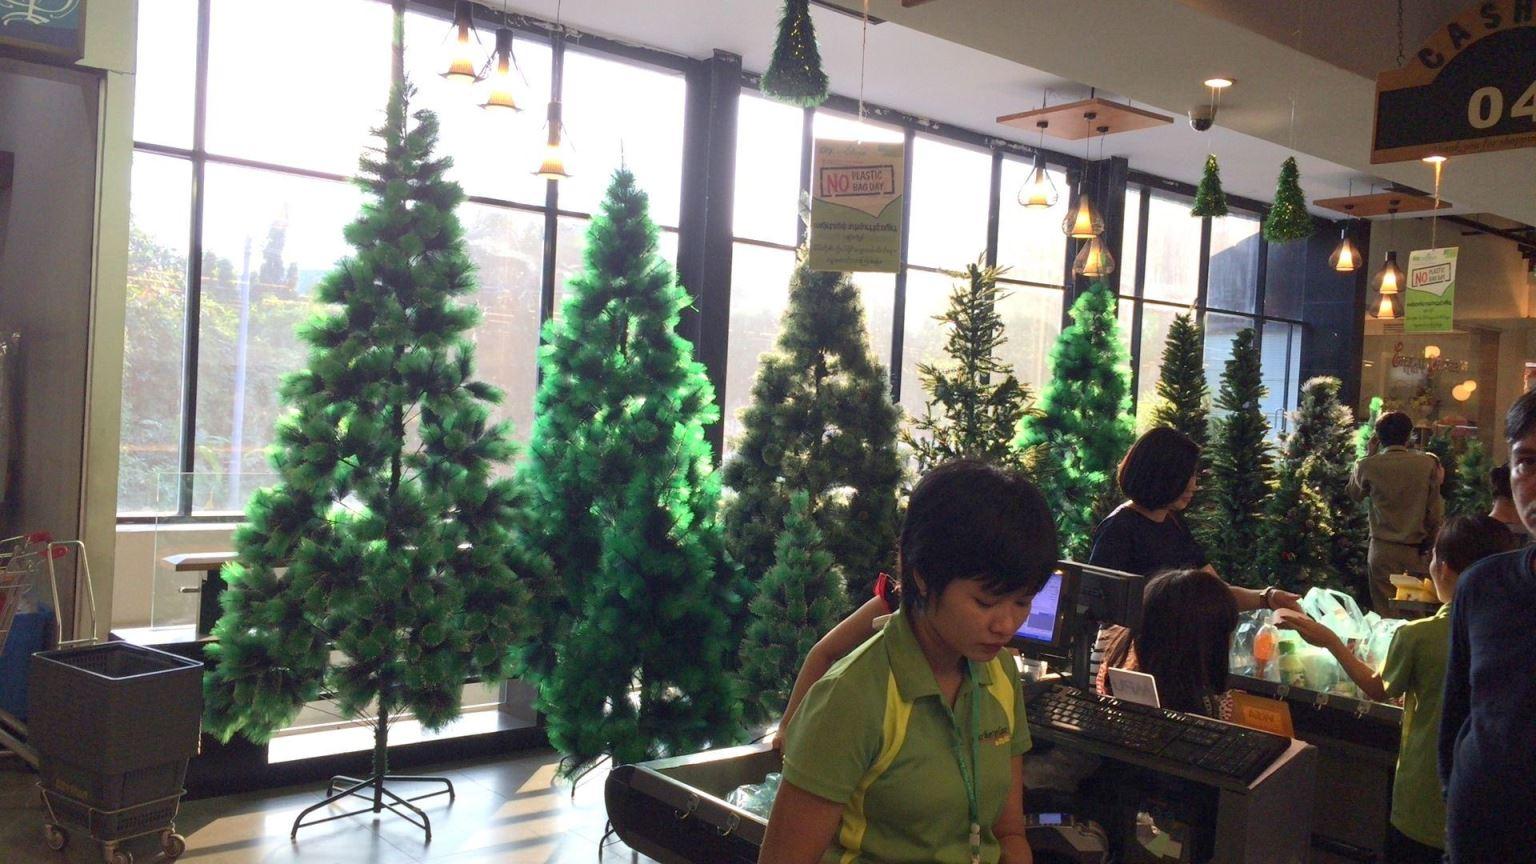 ミャンマーでクリスマスは盛り上がるのか